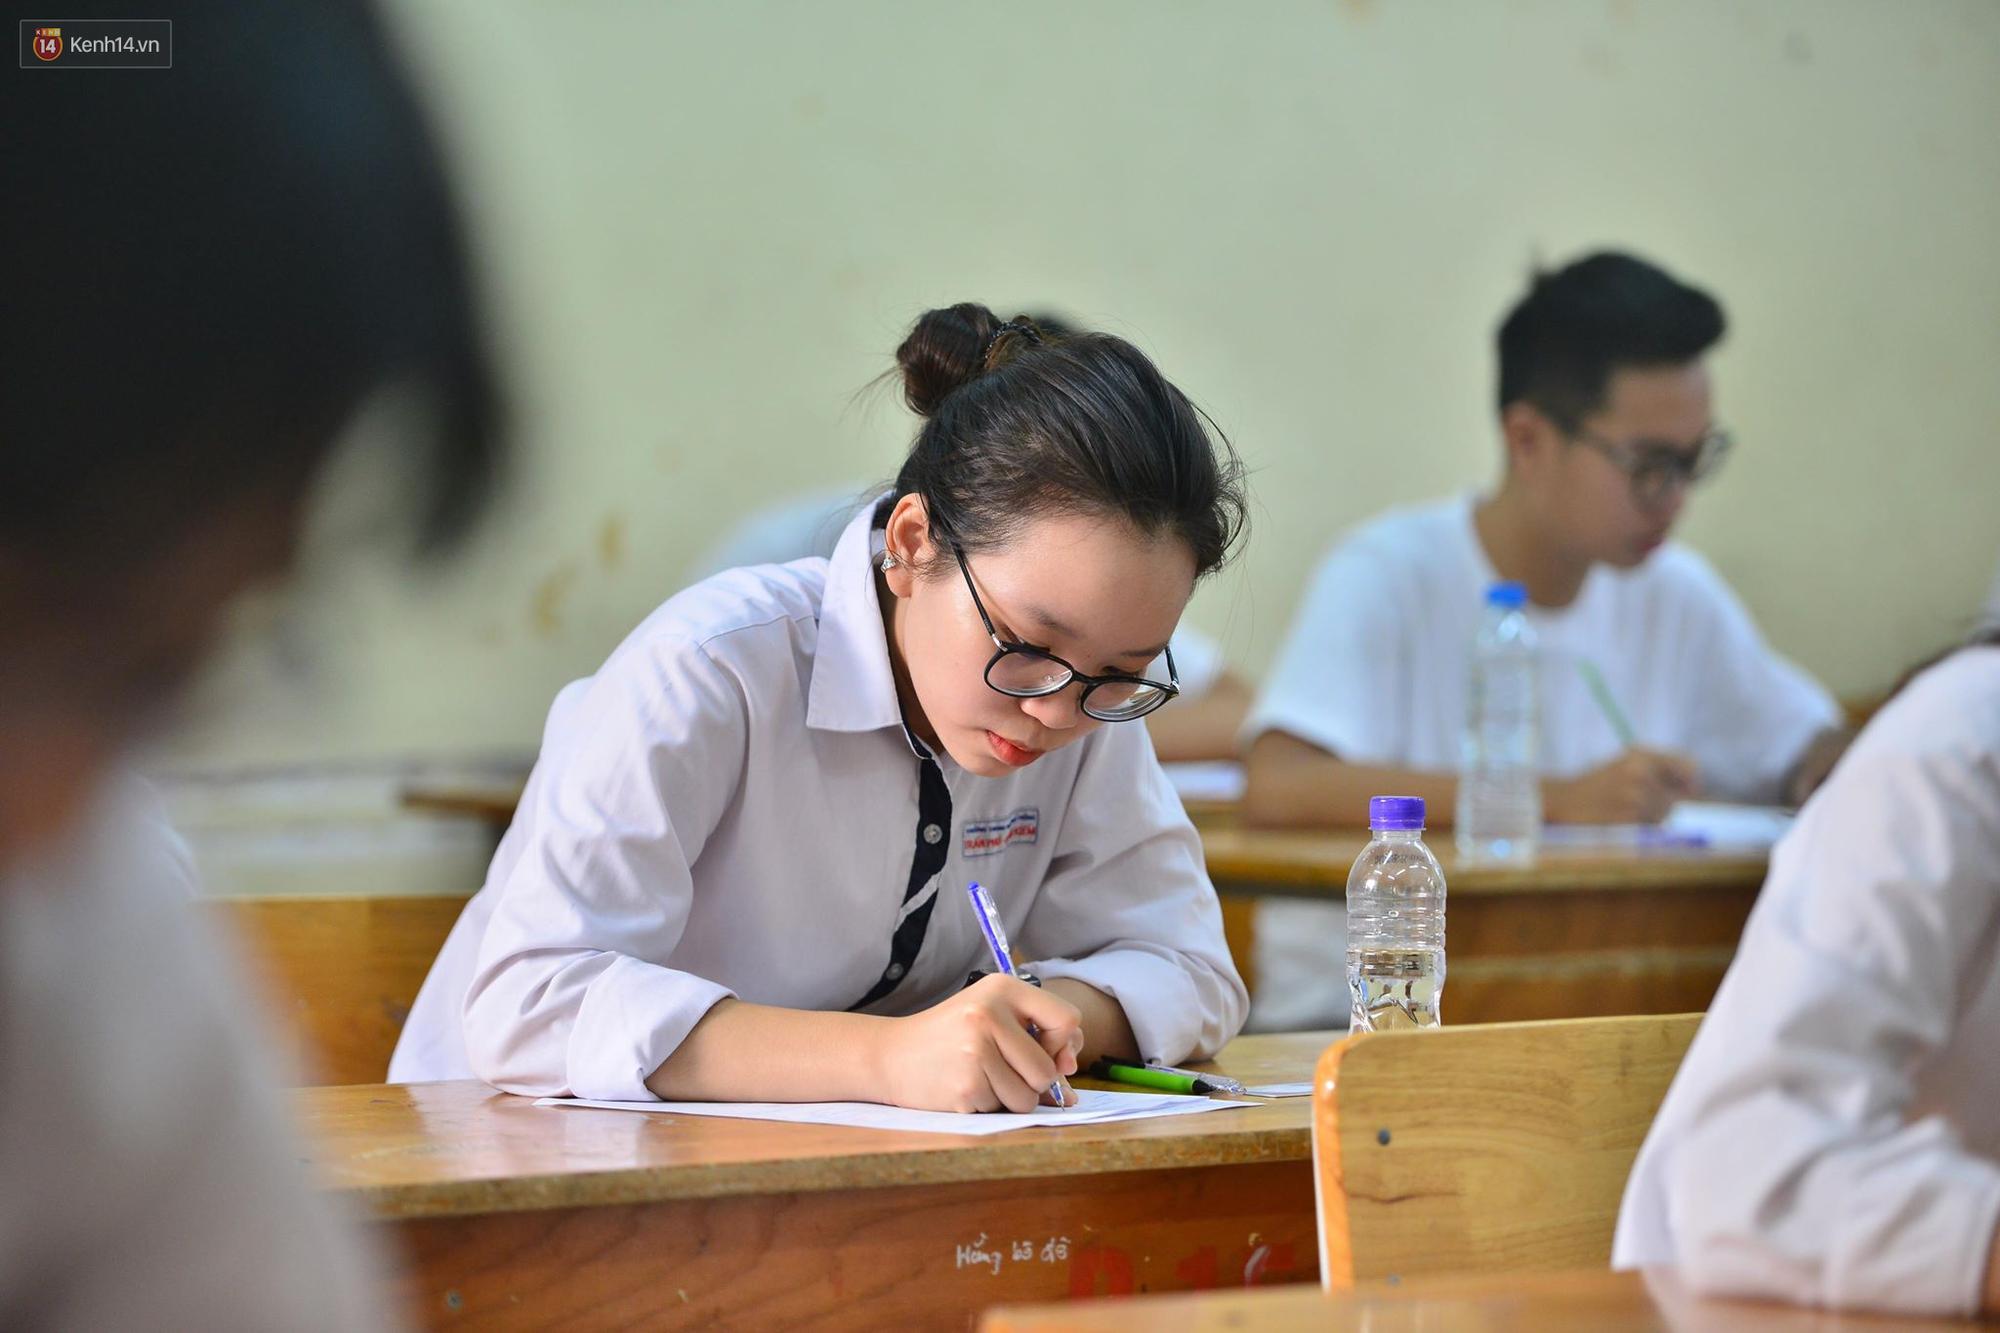 Kỳ thi THPT Quốc gia: Thí sinh bị đình chỉ sẽ bị hủy kết quả toàn bộ môn thi - Ảnh 1.